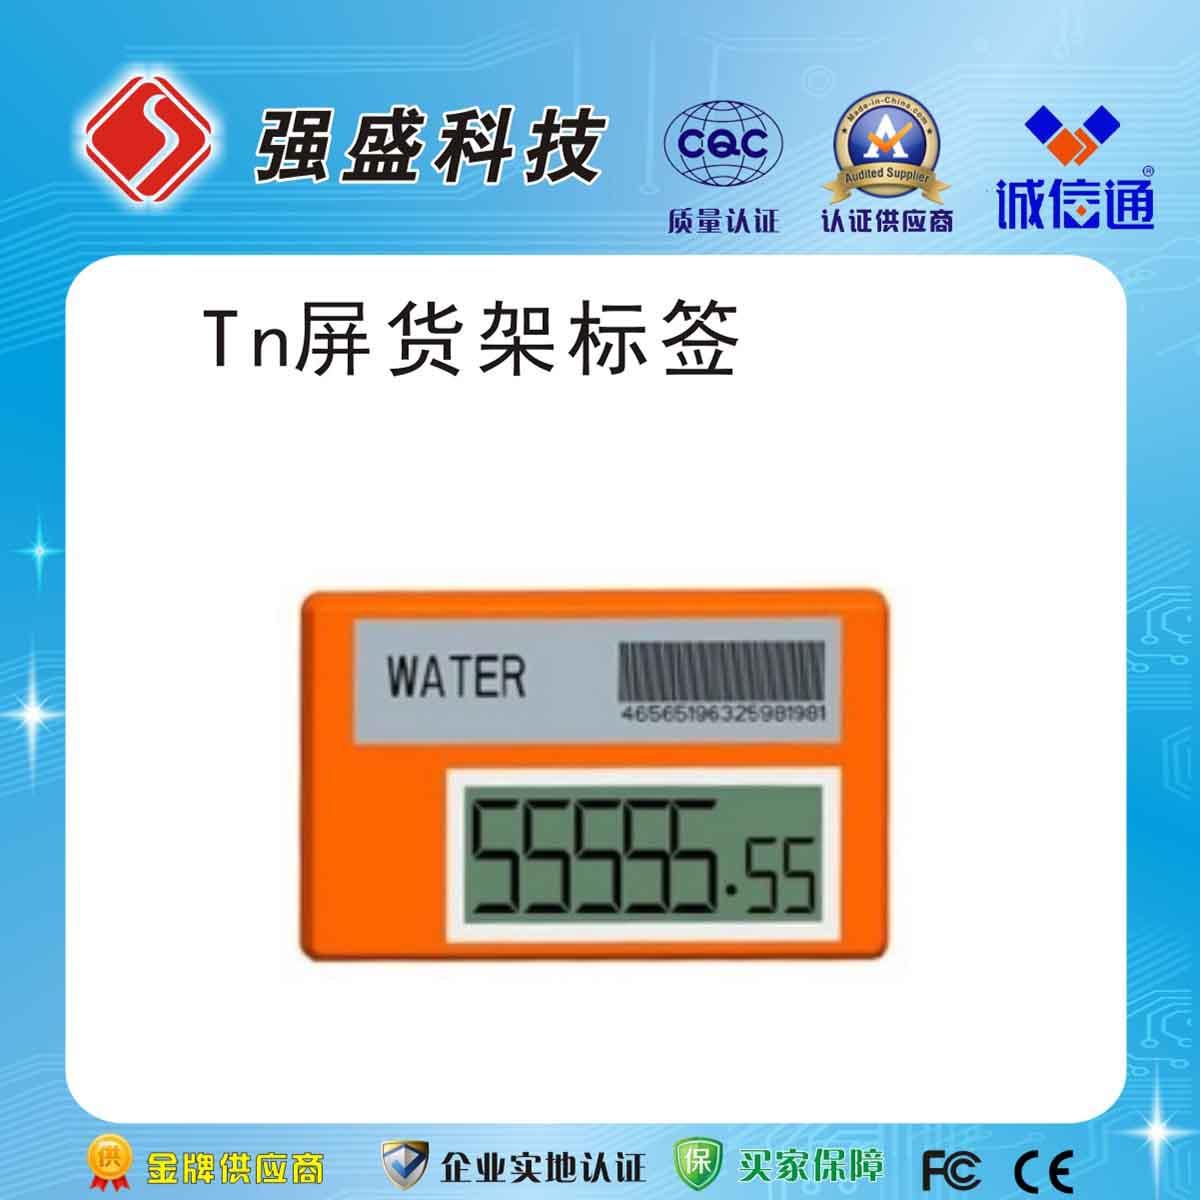 供应广州强盛rfid6寸2.4G有源ESL电子货架标签